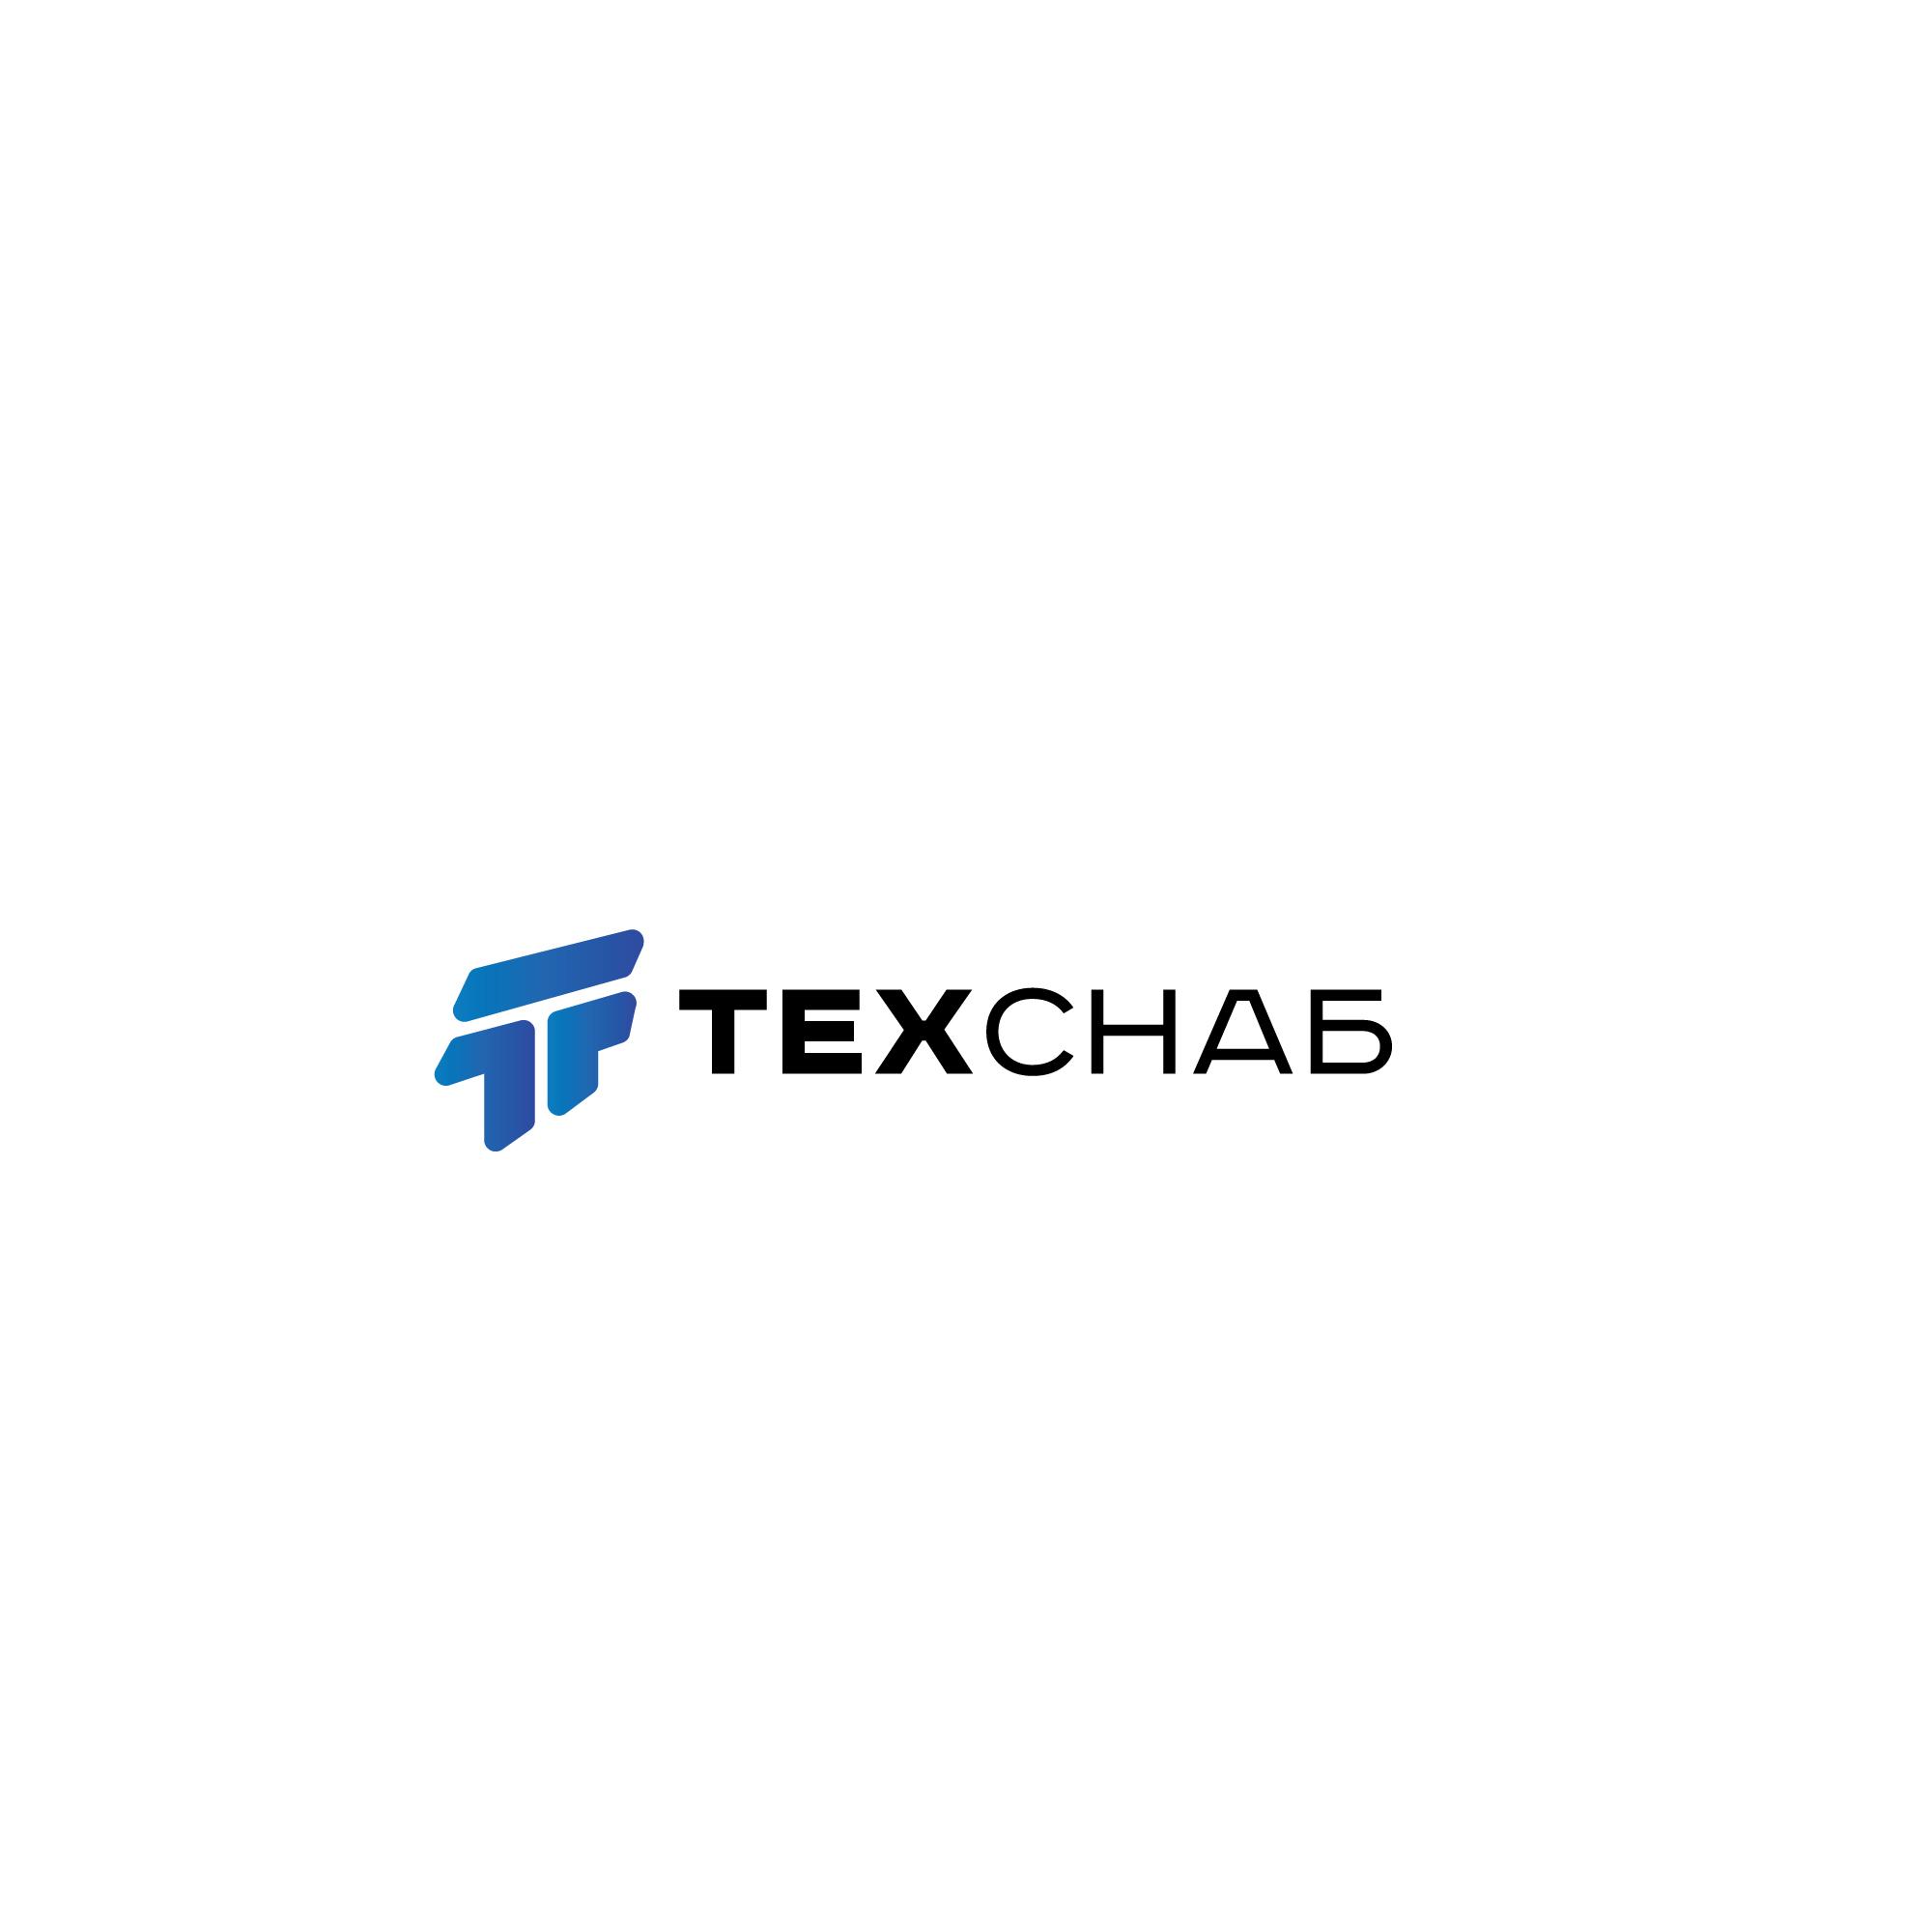 Разработка логотипа и фирм. стиля компании  ТЕХСНАБ фото f_8615b1eb09da672c.jpg